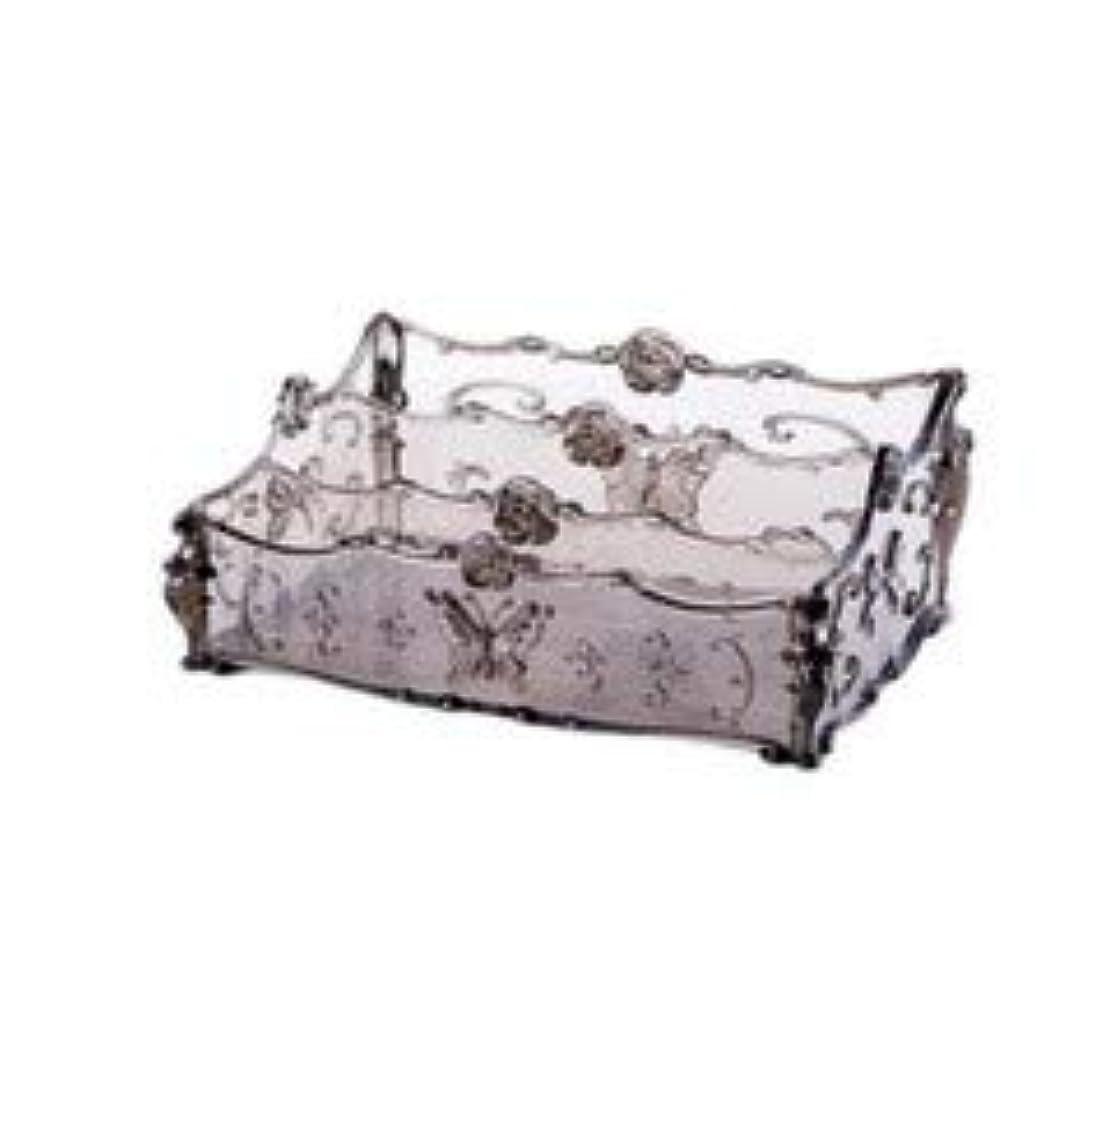 と組むに勝る一月フラワー彫刻デスクトップ化粧品収納ボックス化粧台透明ラック家庭用プラスチックマルチカラースキンケア製品仕上げボックス (Color : Transparent gray)